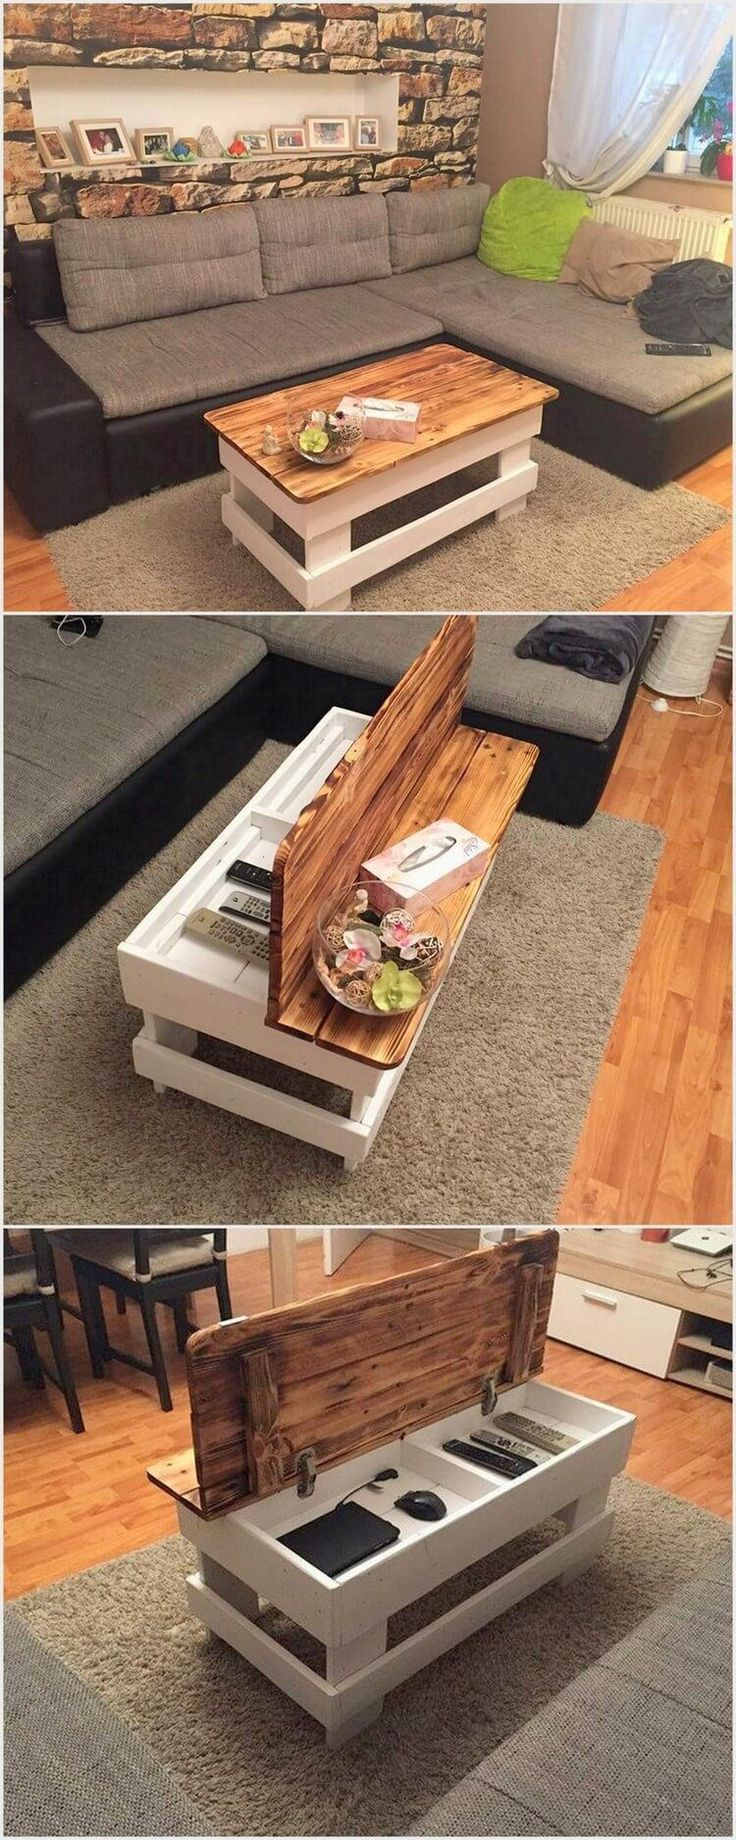 Hinzufügen des Hauses mit dem stilvollen Holzpalettentisch neben Merkmal der Lagerung in